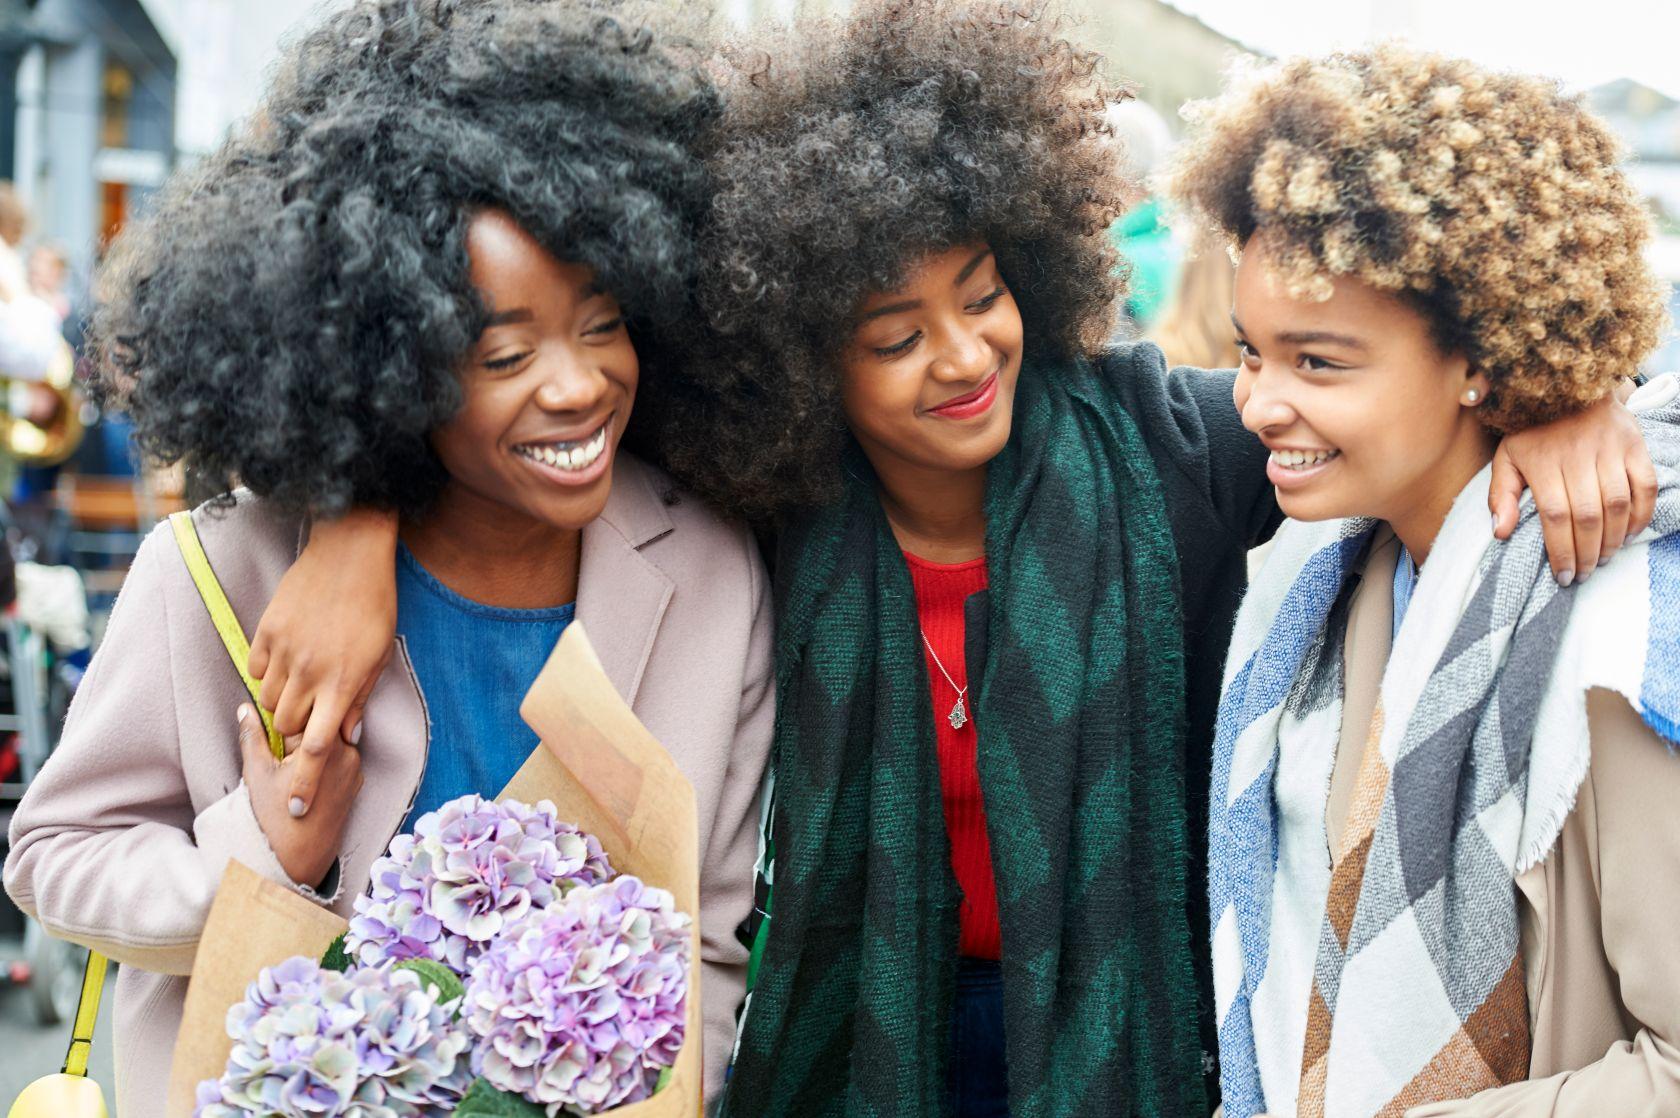 Friends shopping at a flower market.